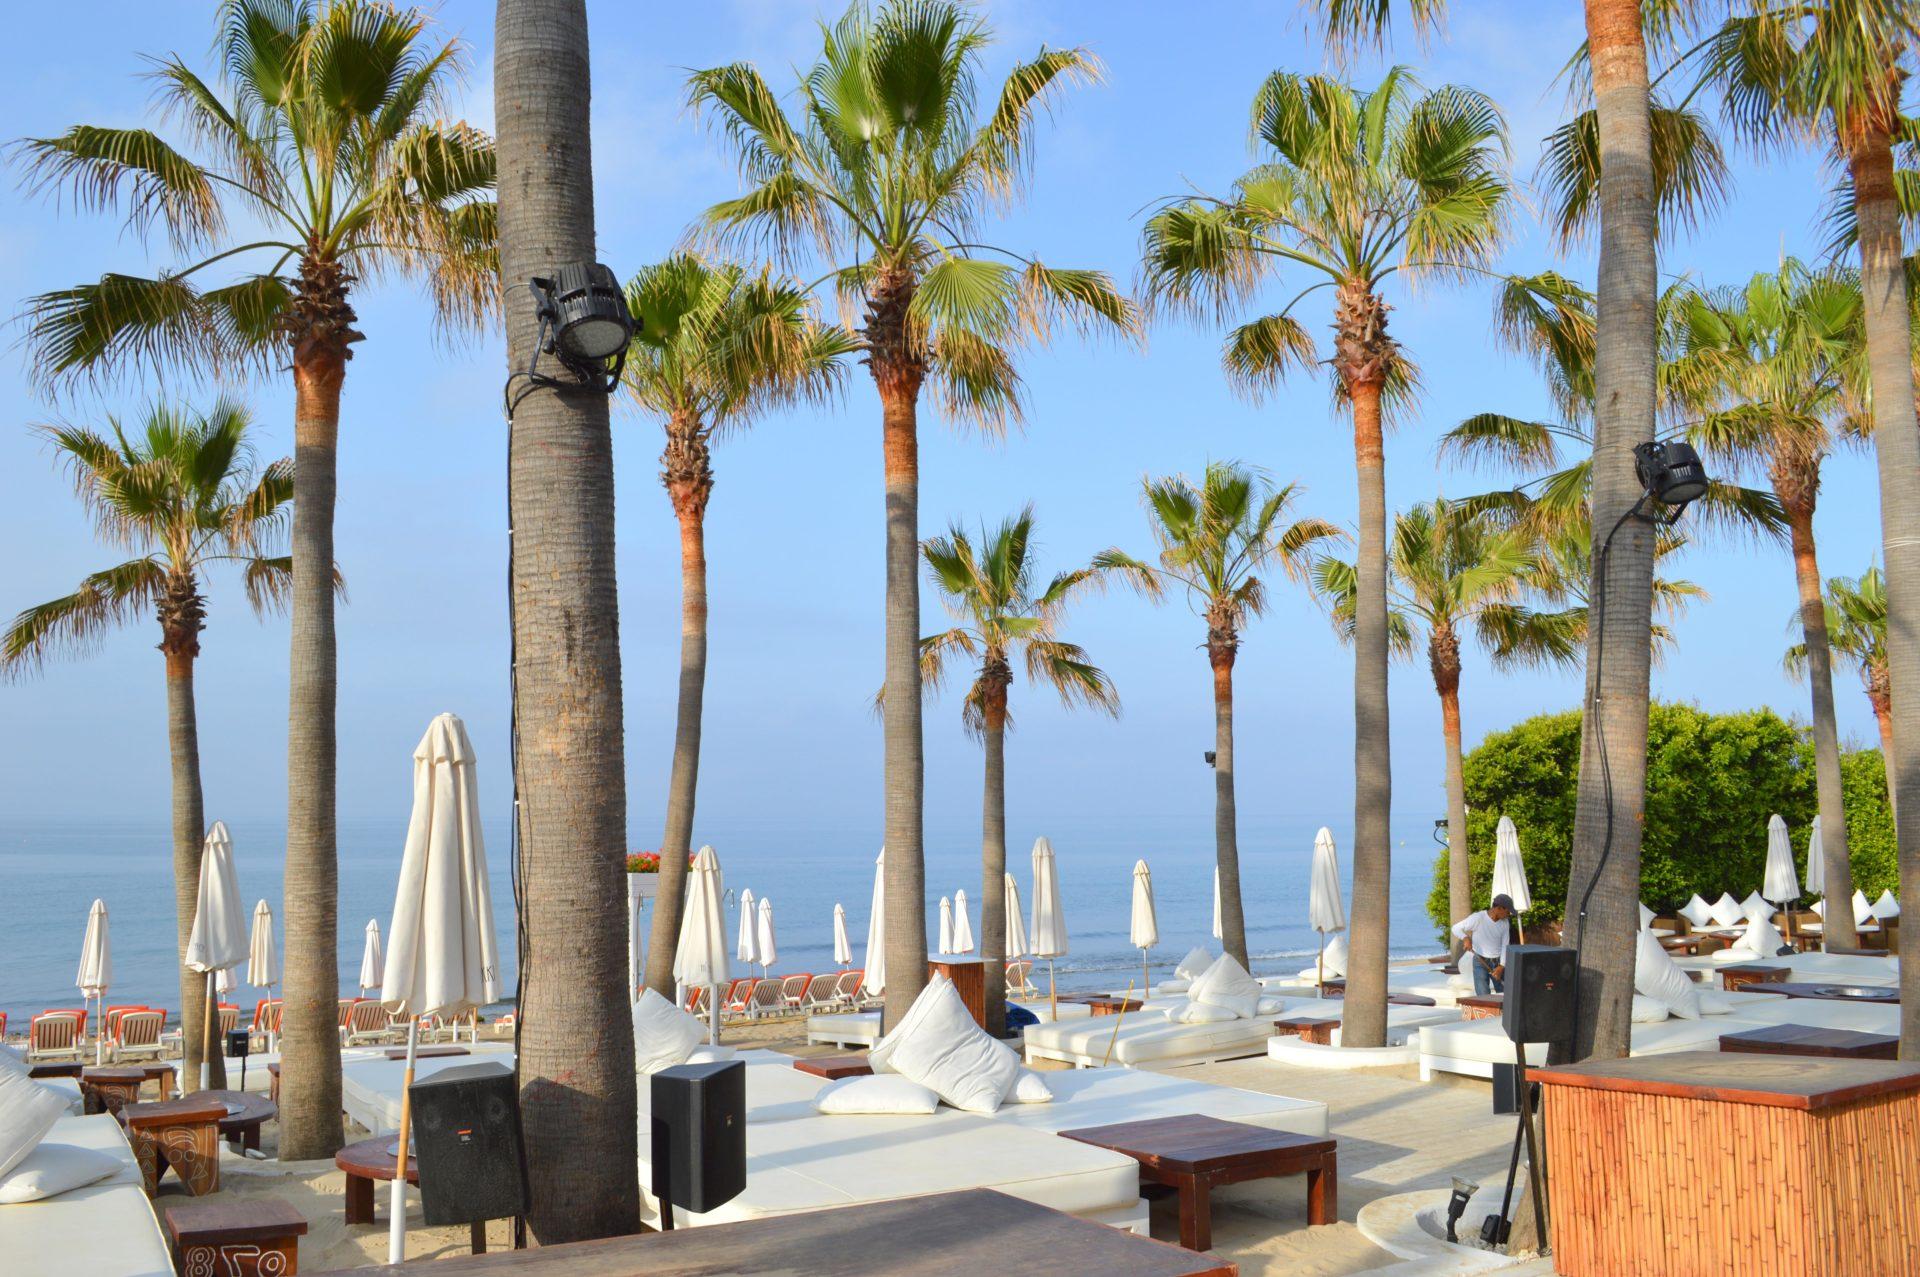 De hipste stranden voor de rich & famous